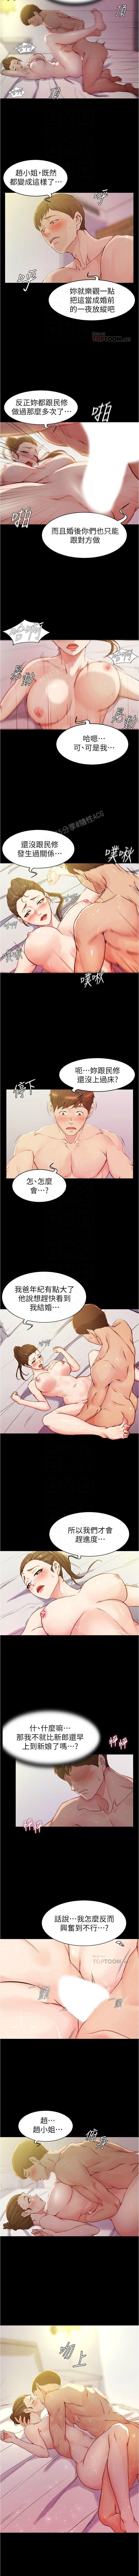 panty note 小褲褲筆記 小裤裤笔记 01-35 连载中 中文 重新排序 Reorder 157